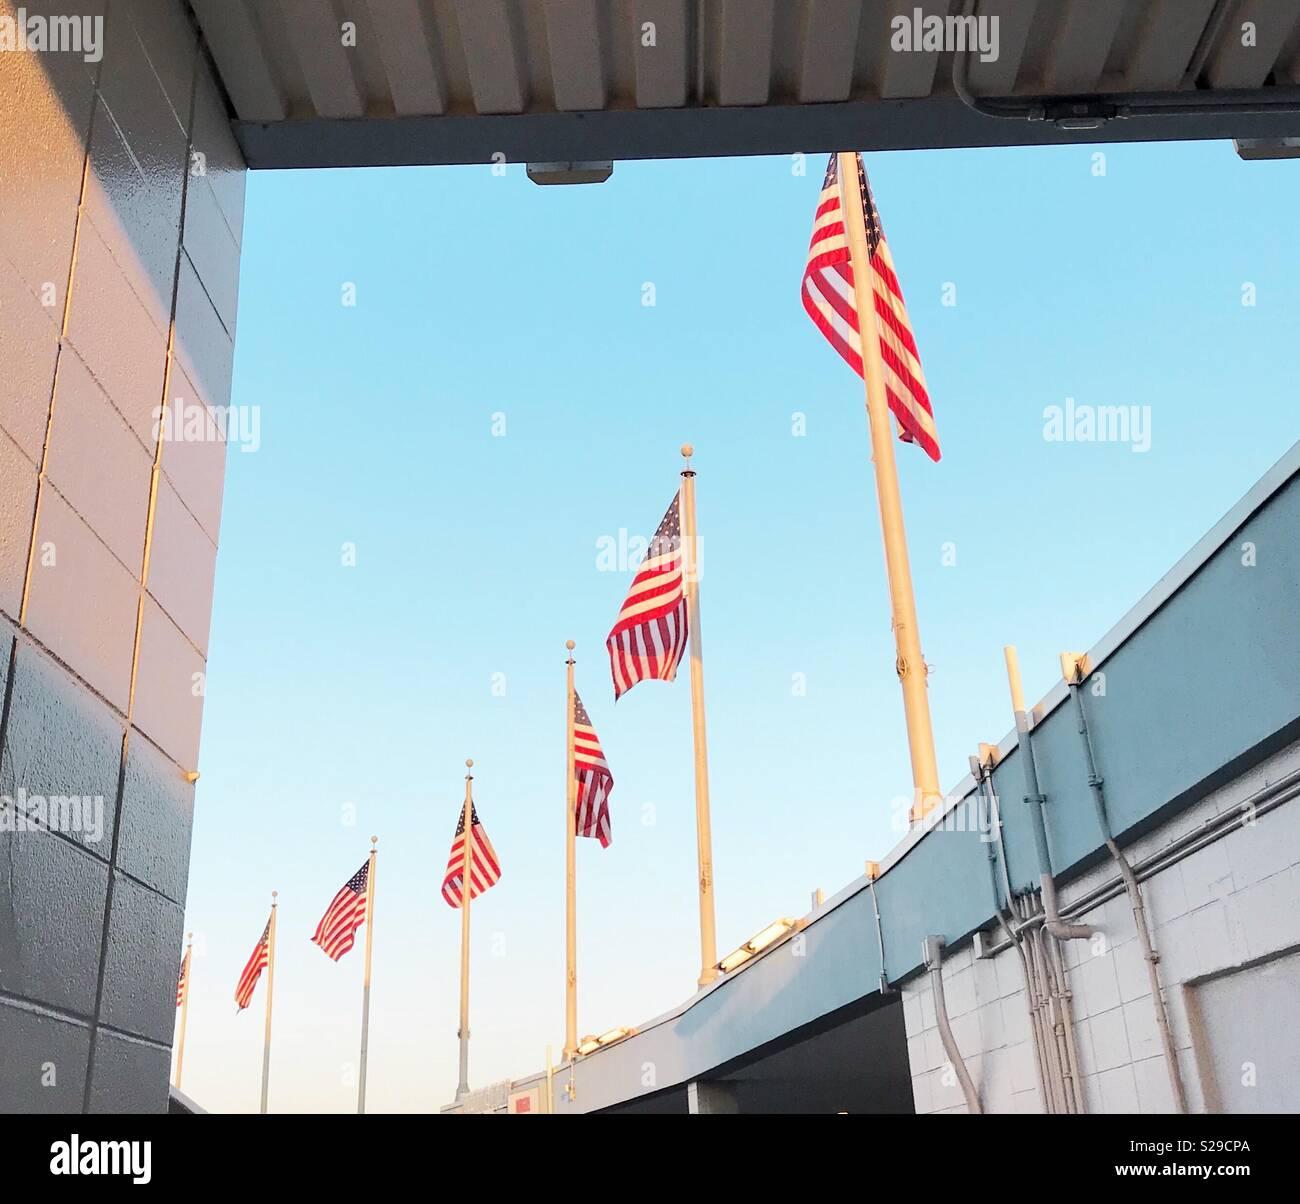 Bandierine americane battenti in un gruppo contro il cielo blu. Immagini Stock